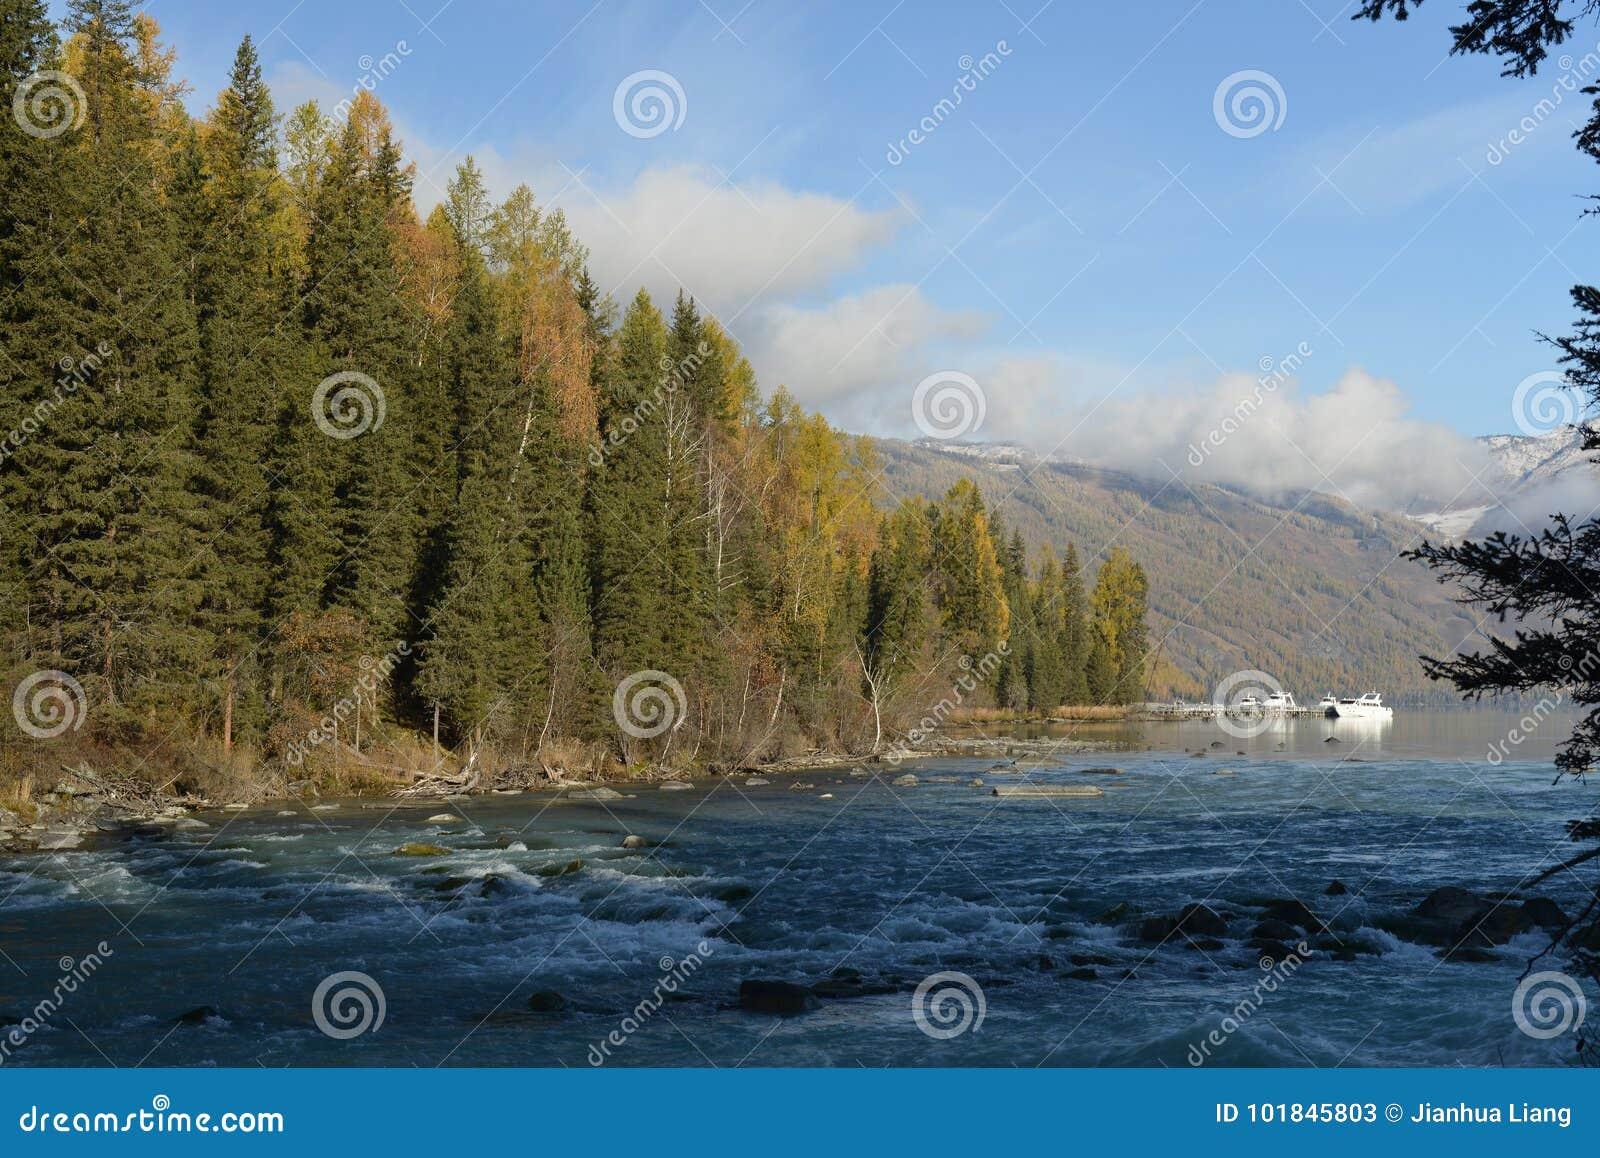 Kanasrivier in Xinjiang China